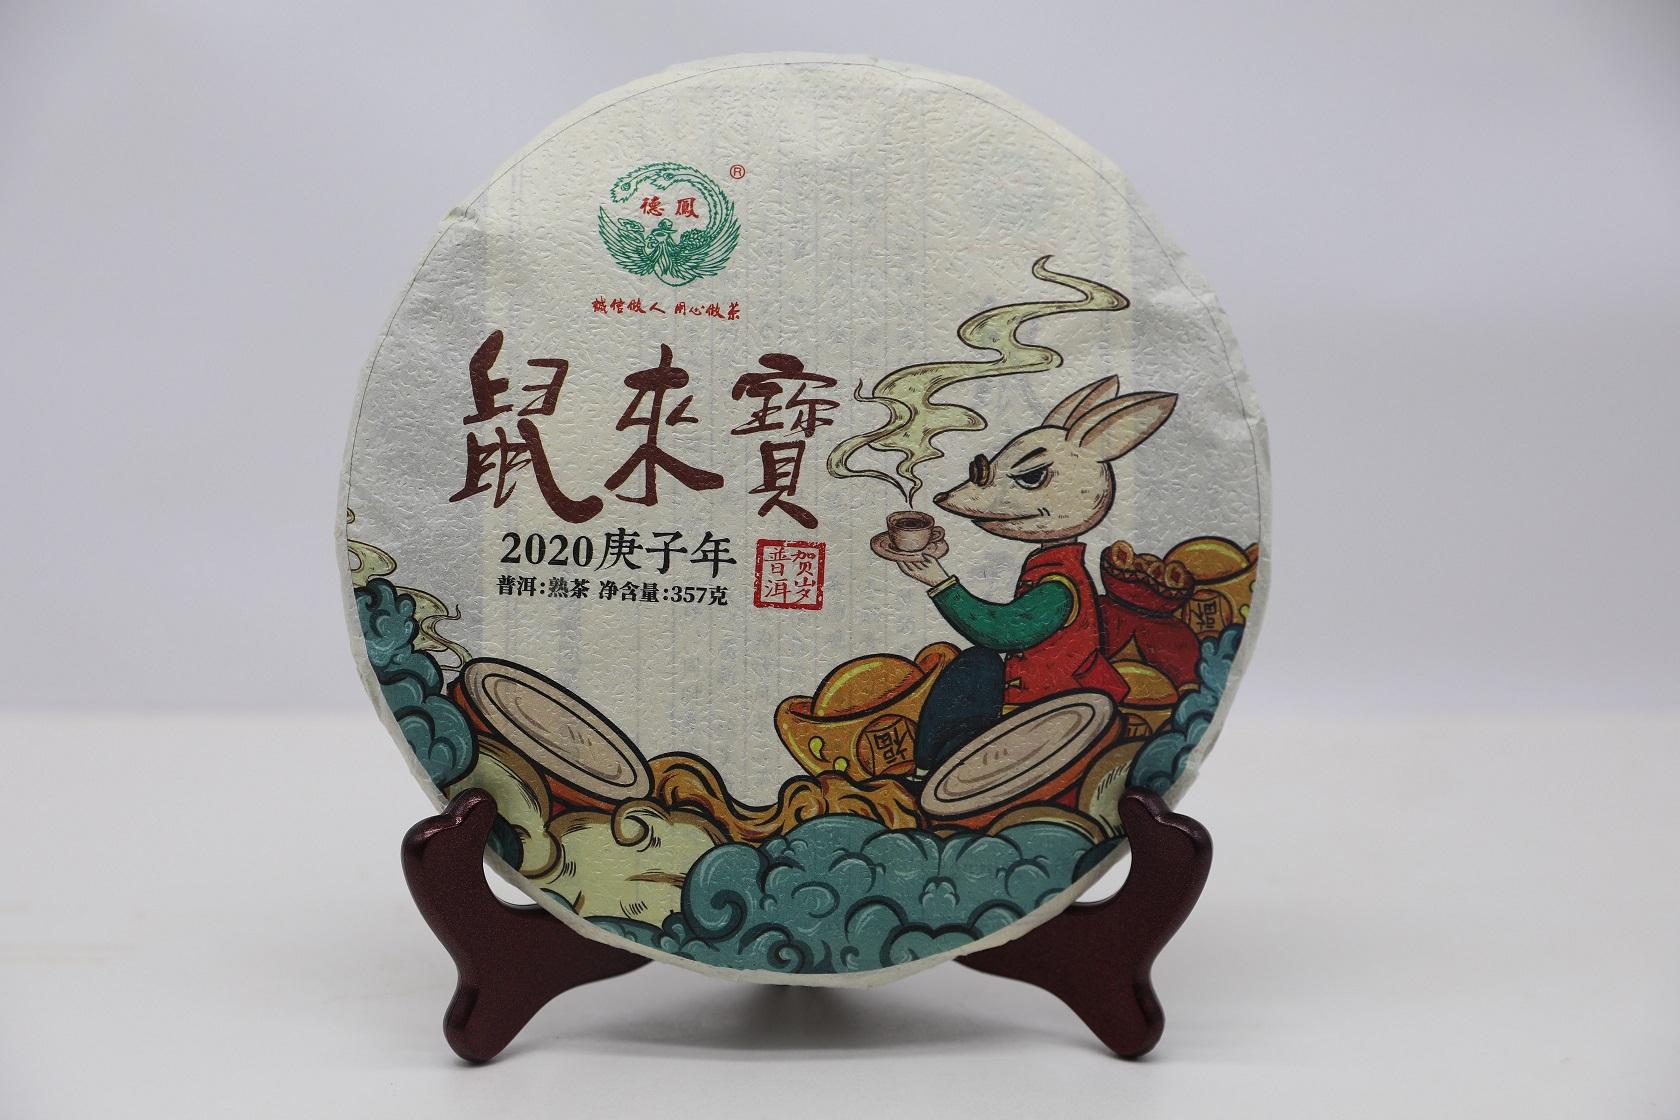 2020年鼠年生肖紀念餅14片(生熟各7片)